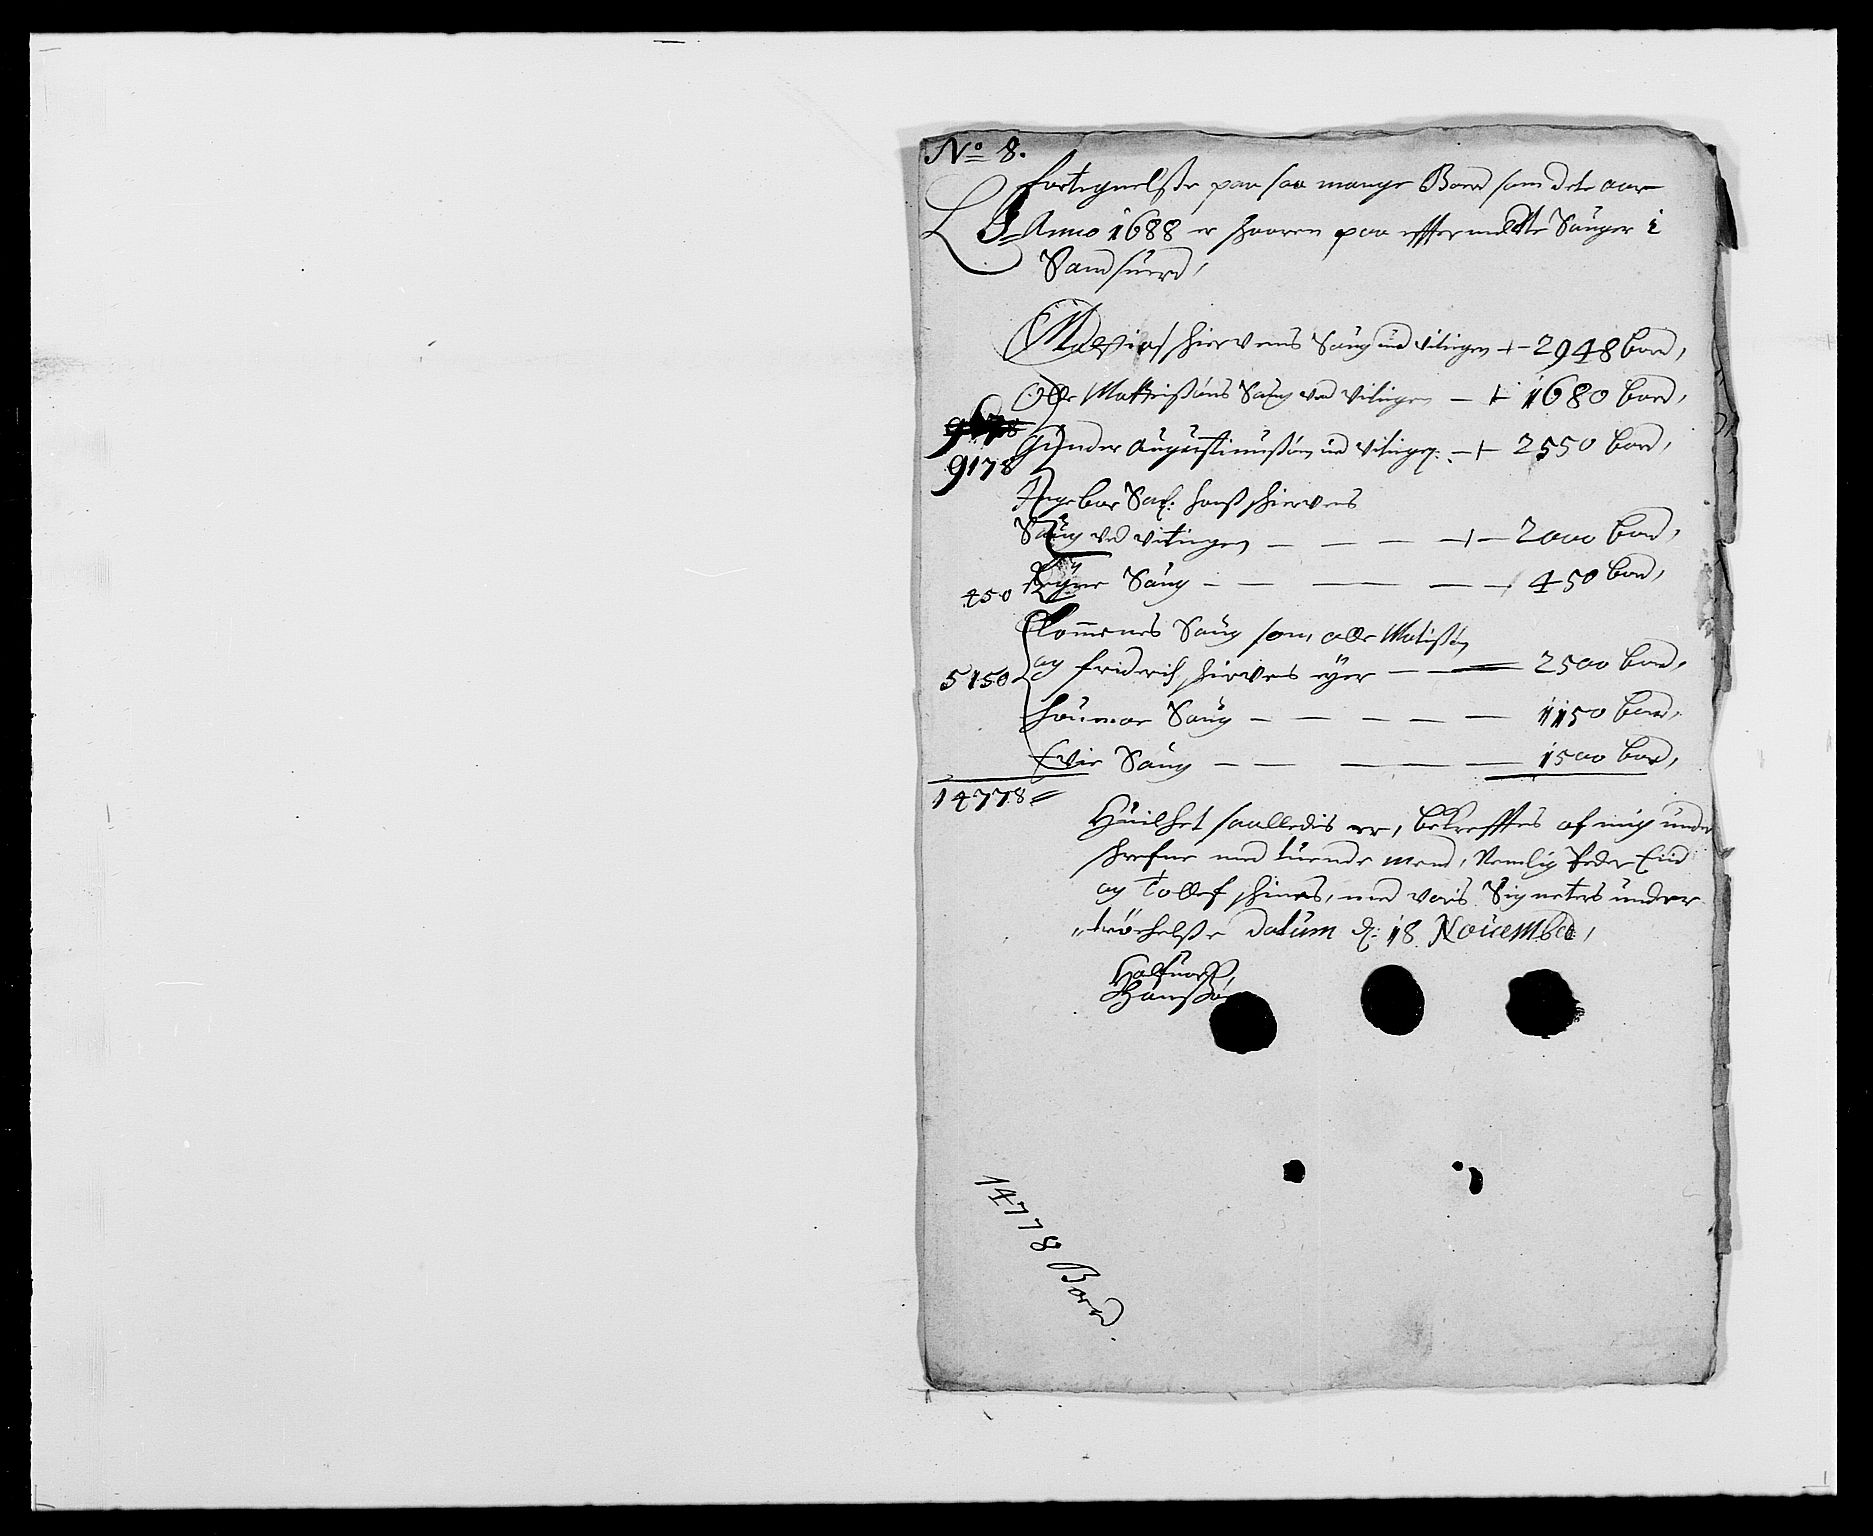 RA, Rentekammeret inntil 1814, Reviderte regnskaper, Fogderegnskap, R24/L1573: Fogderegnskap Numedal og Sandsvær, 1687-1691, s. 317